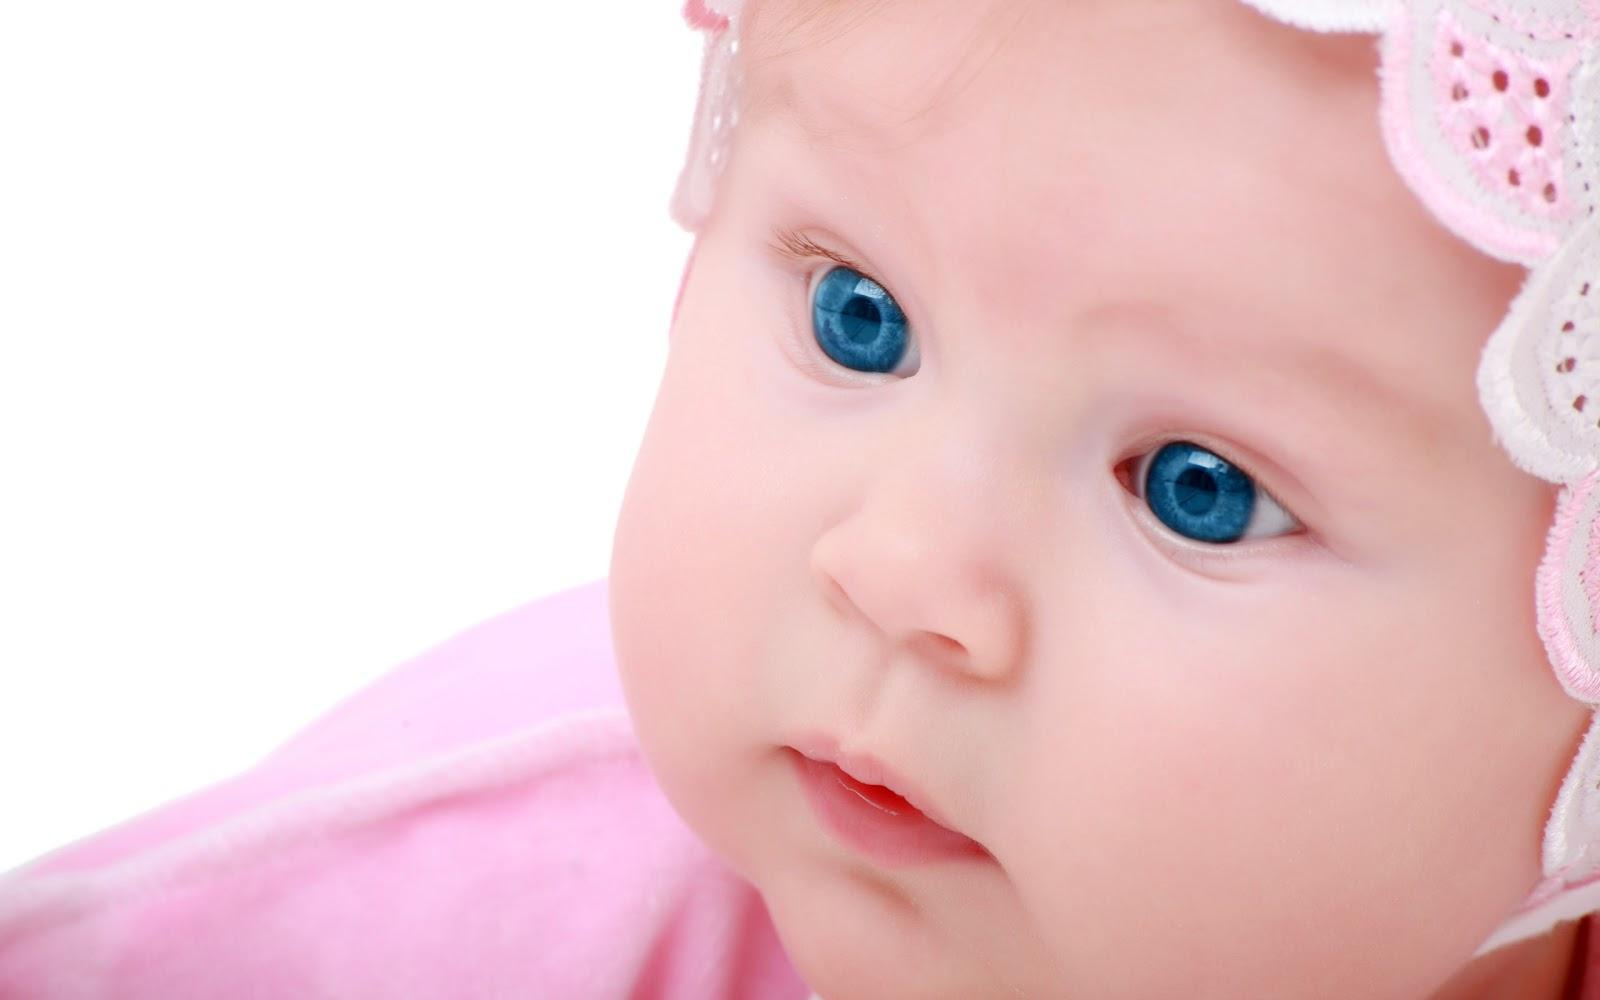 Kumpulan Gambar Bayi Lucu  Gambar Gokil